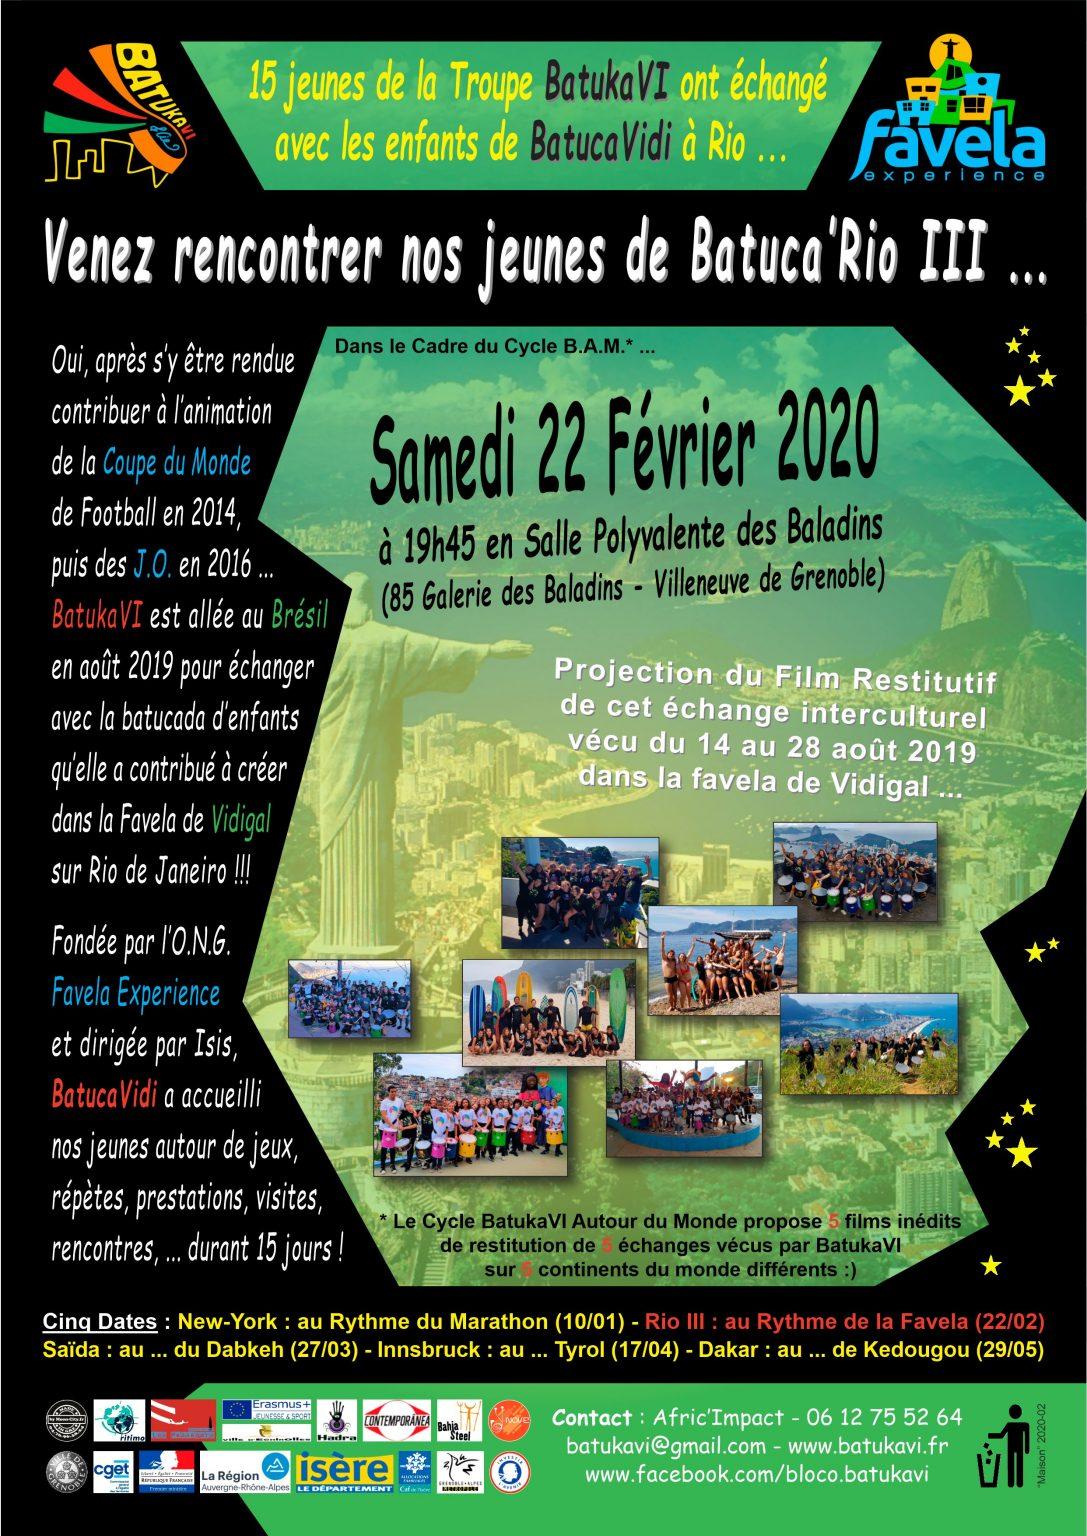 2020-02 Soirée Batuca'Rio III